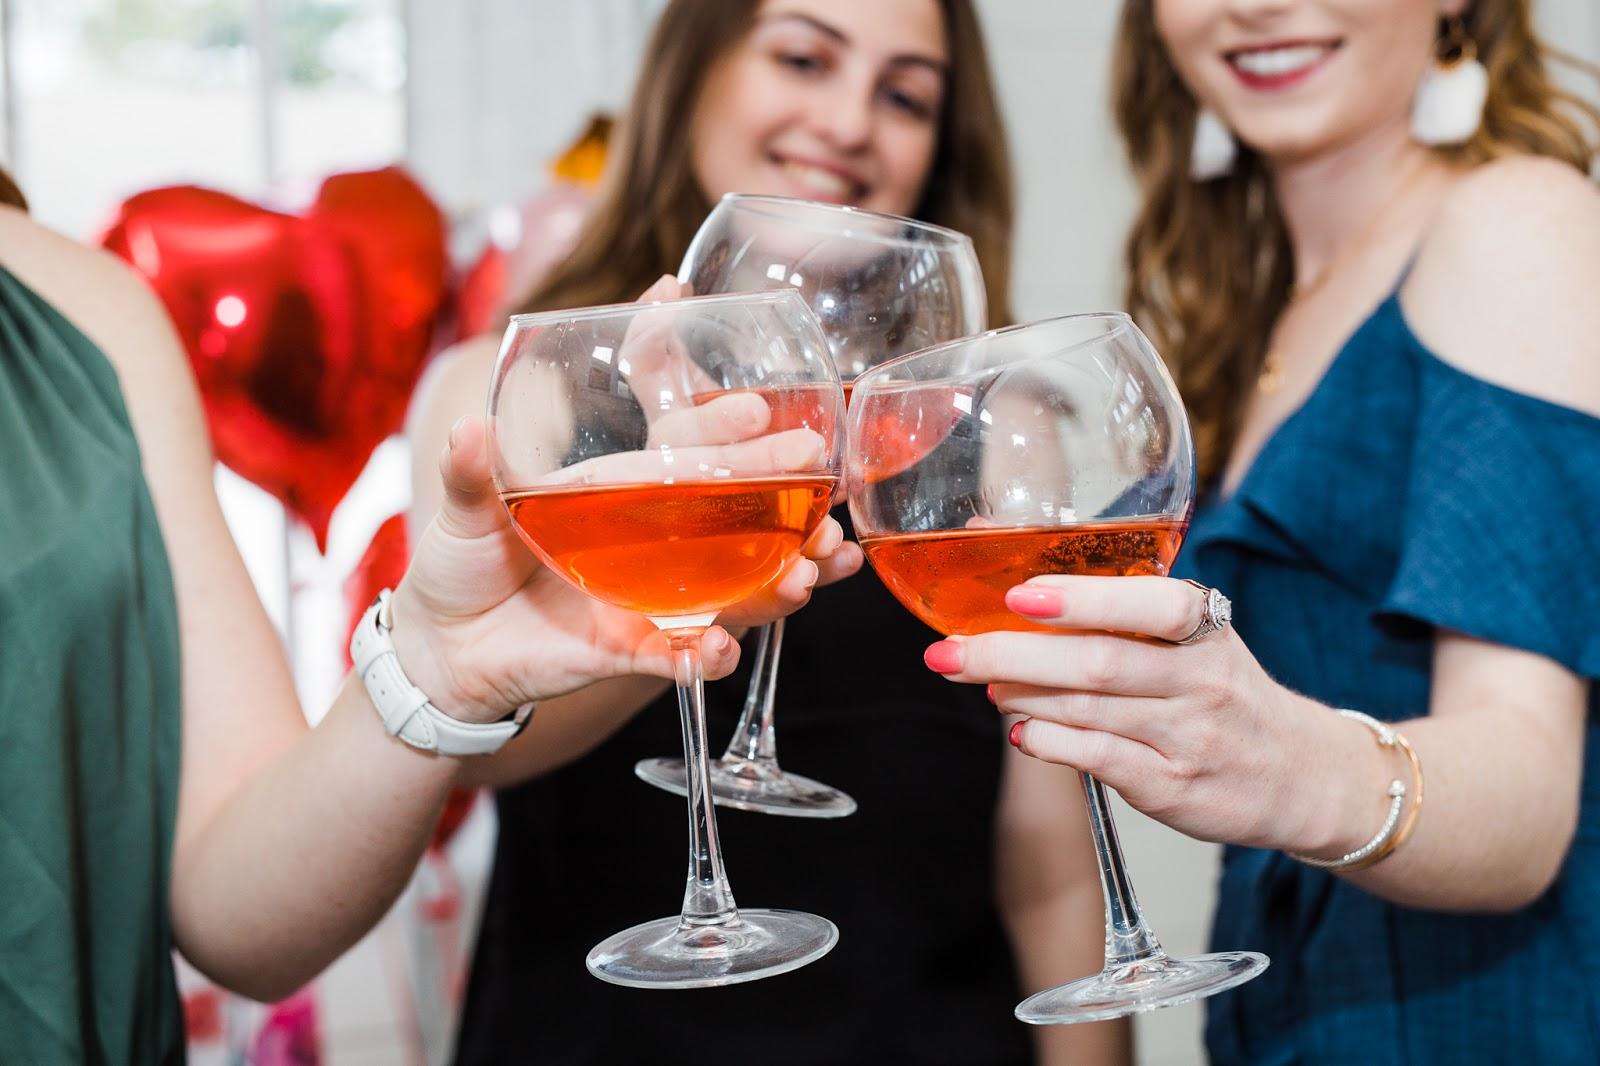 girls drinking wine on valentine's day